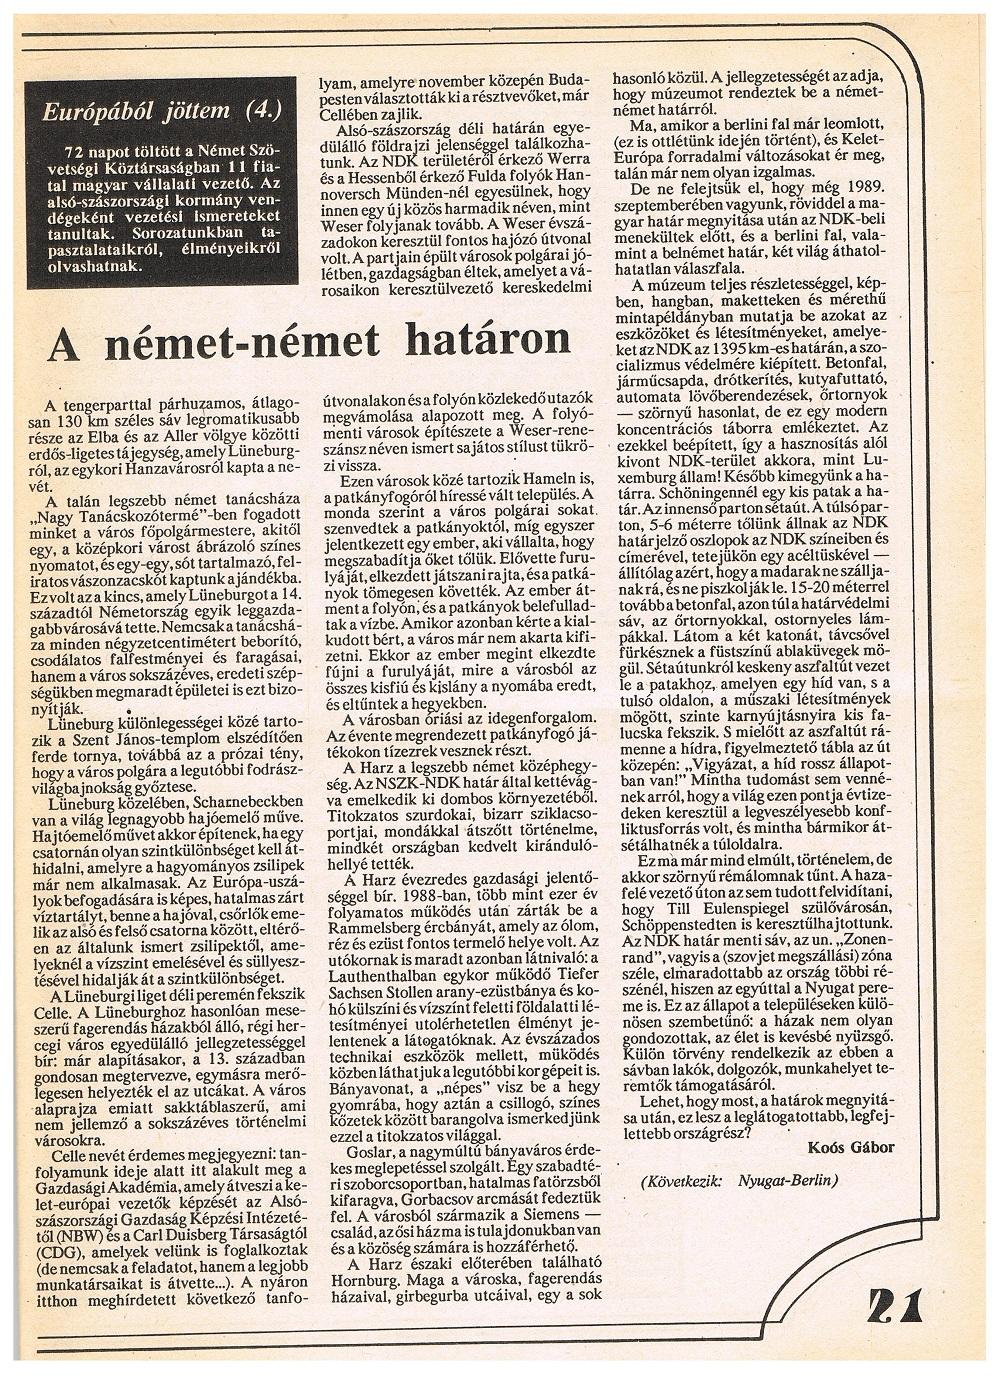 19-11-14_1989_1.jpg